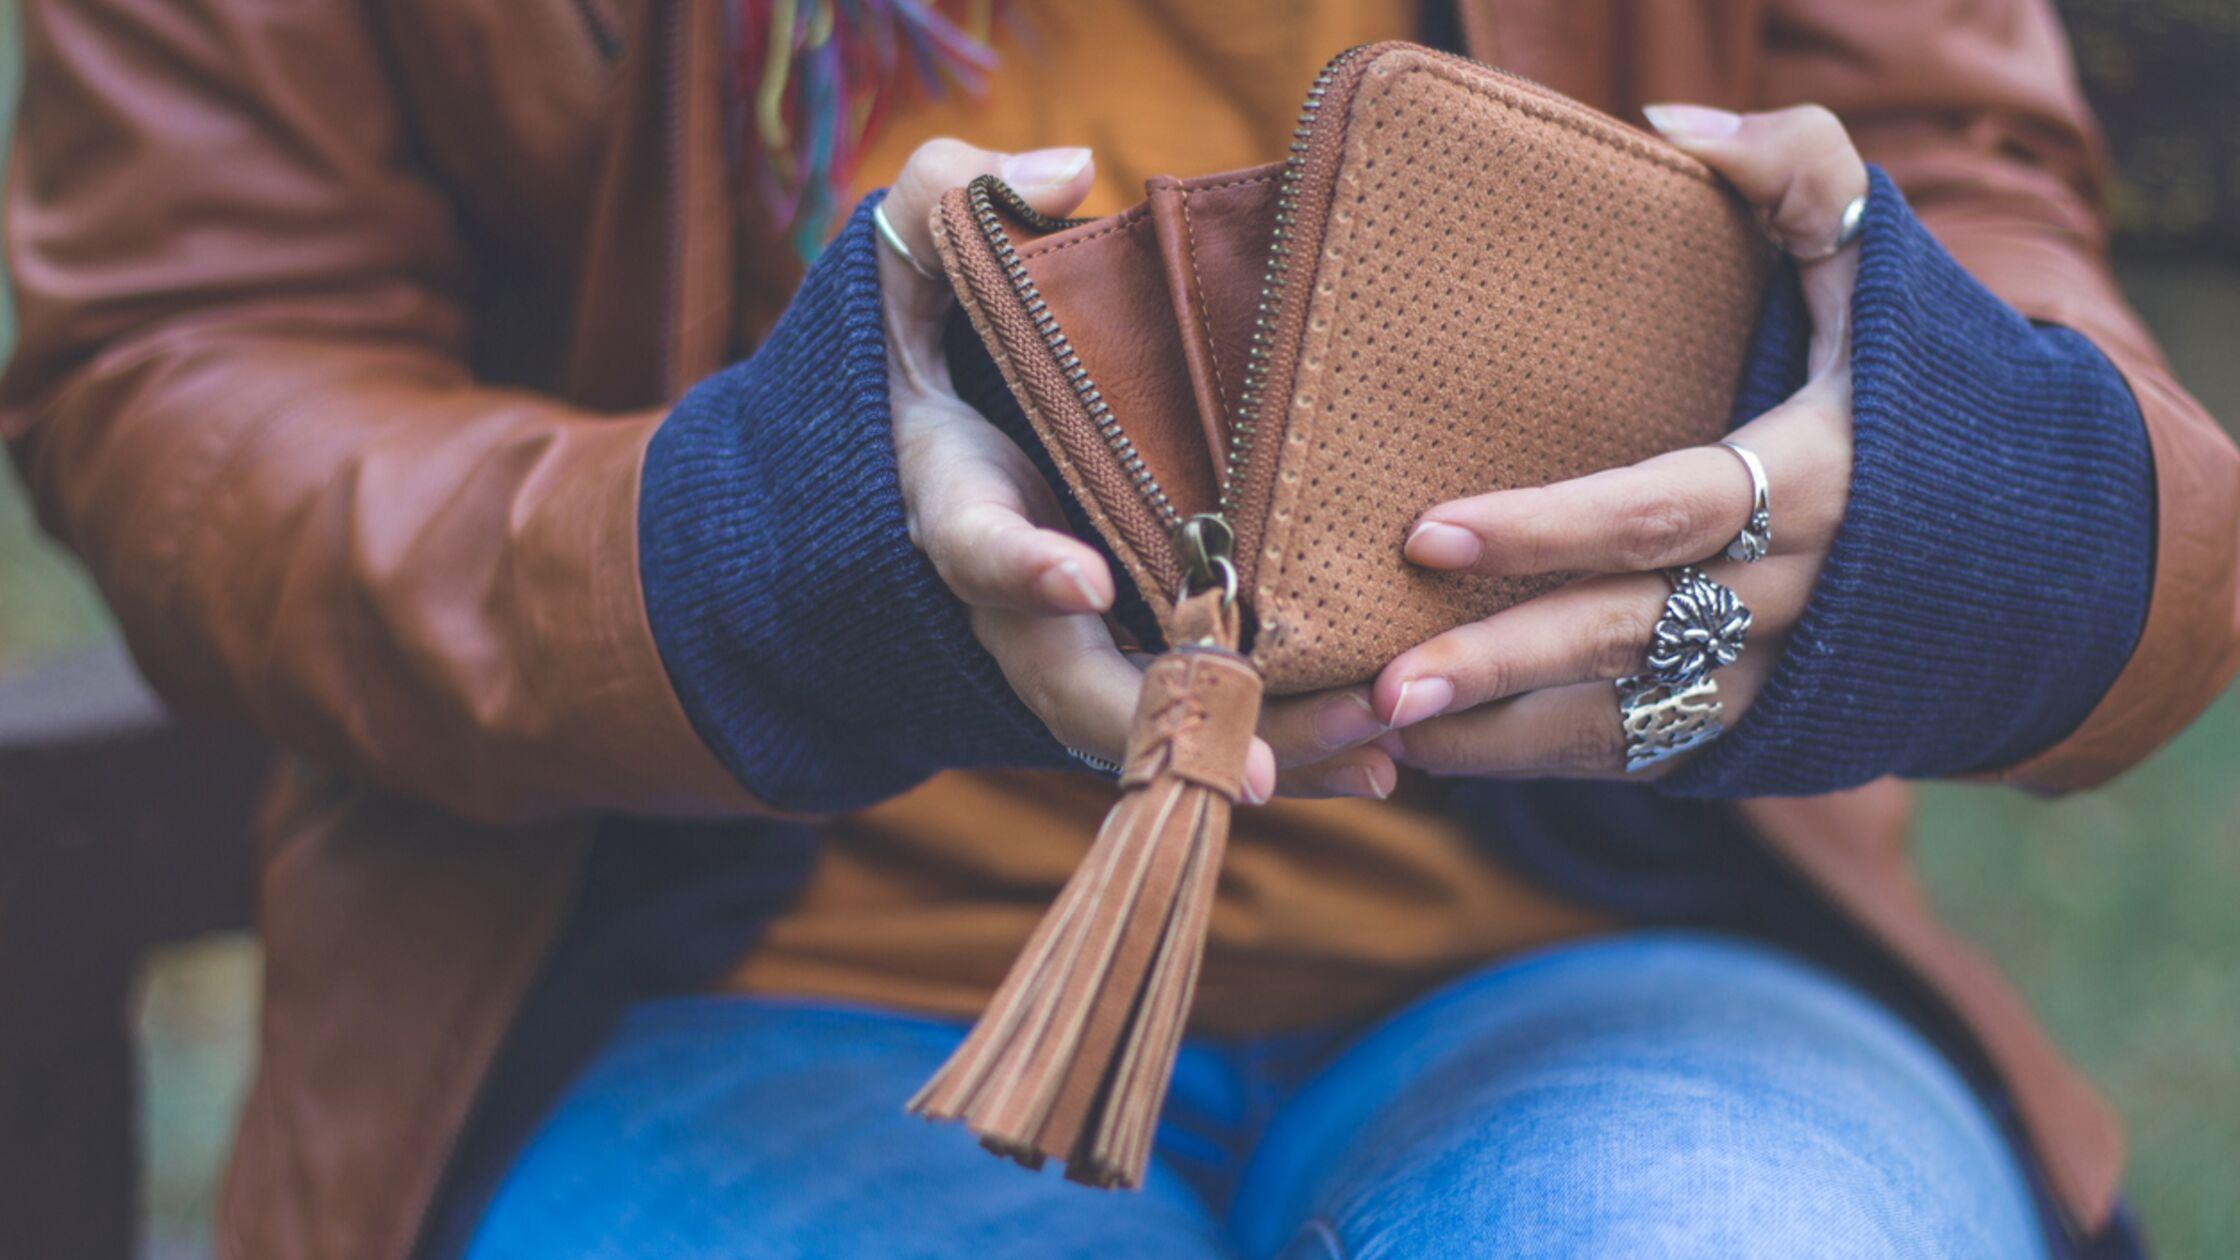 Frau öffnet Geldbörse